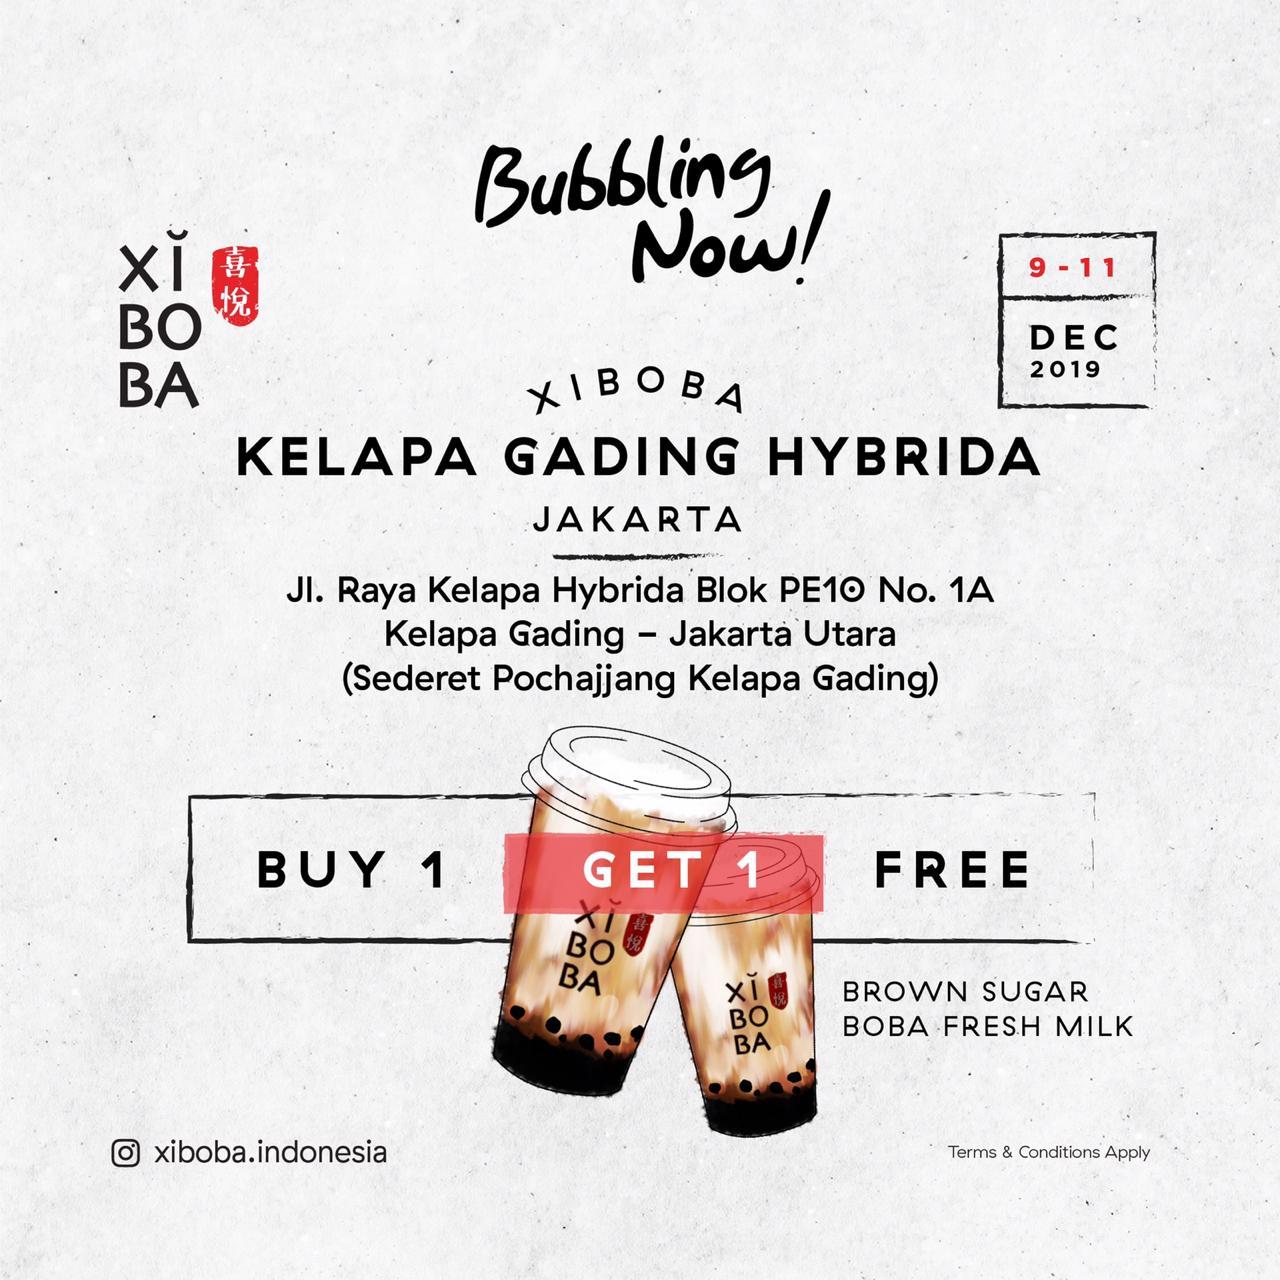 Xi Boba Promo Opening Store, Beli 1 Gratis 1 Di Kelapa Gading!